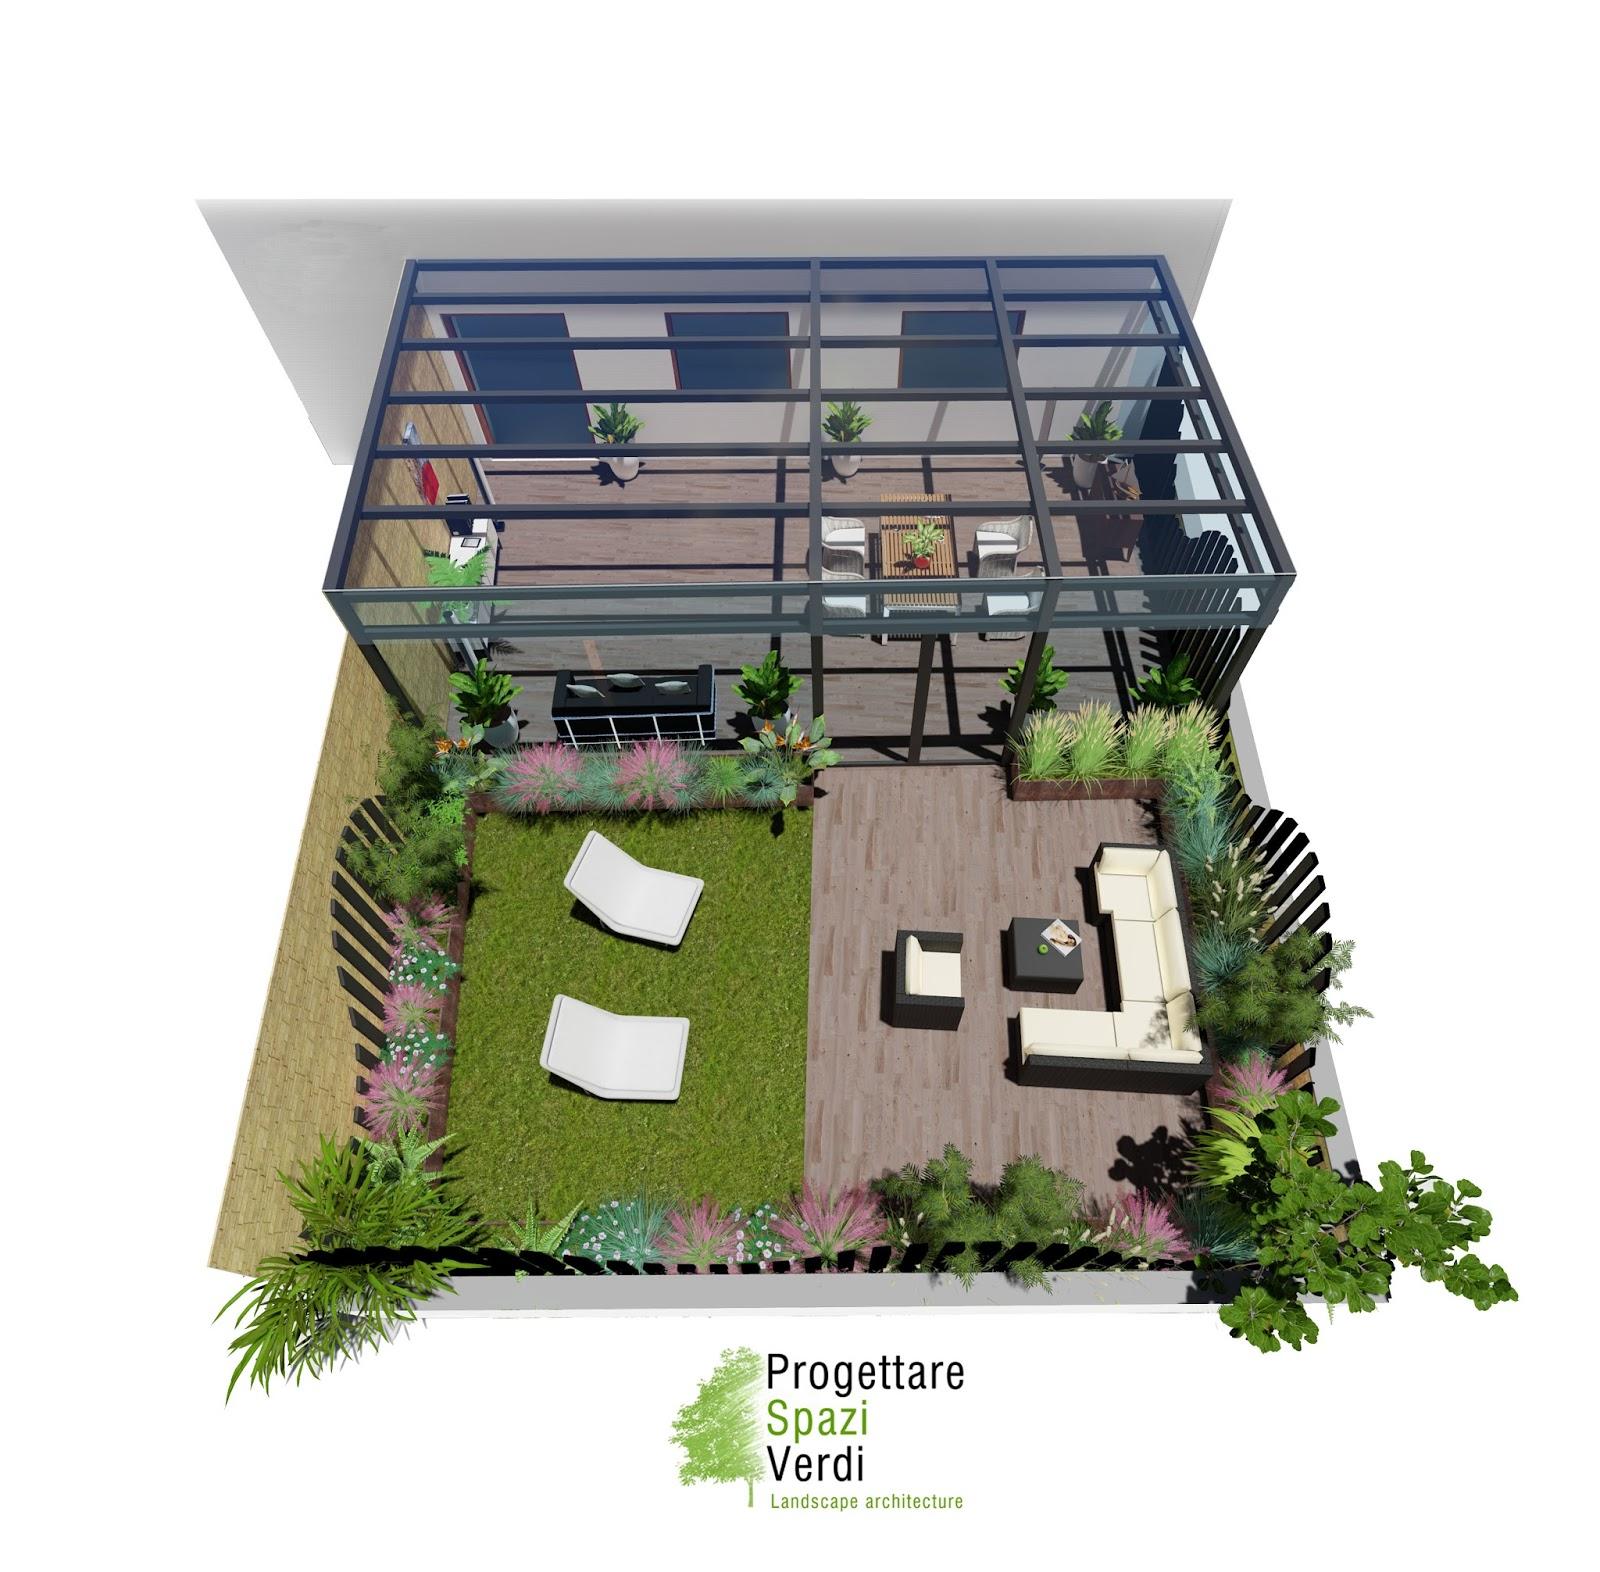 Progettare spazi verdi: 2016